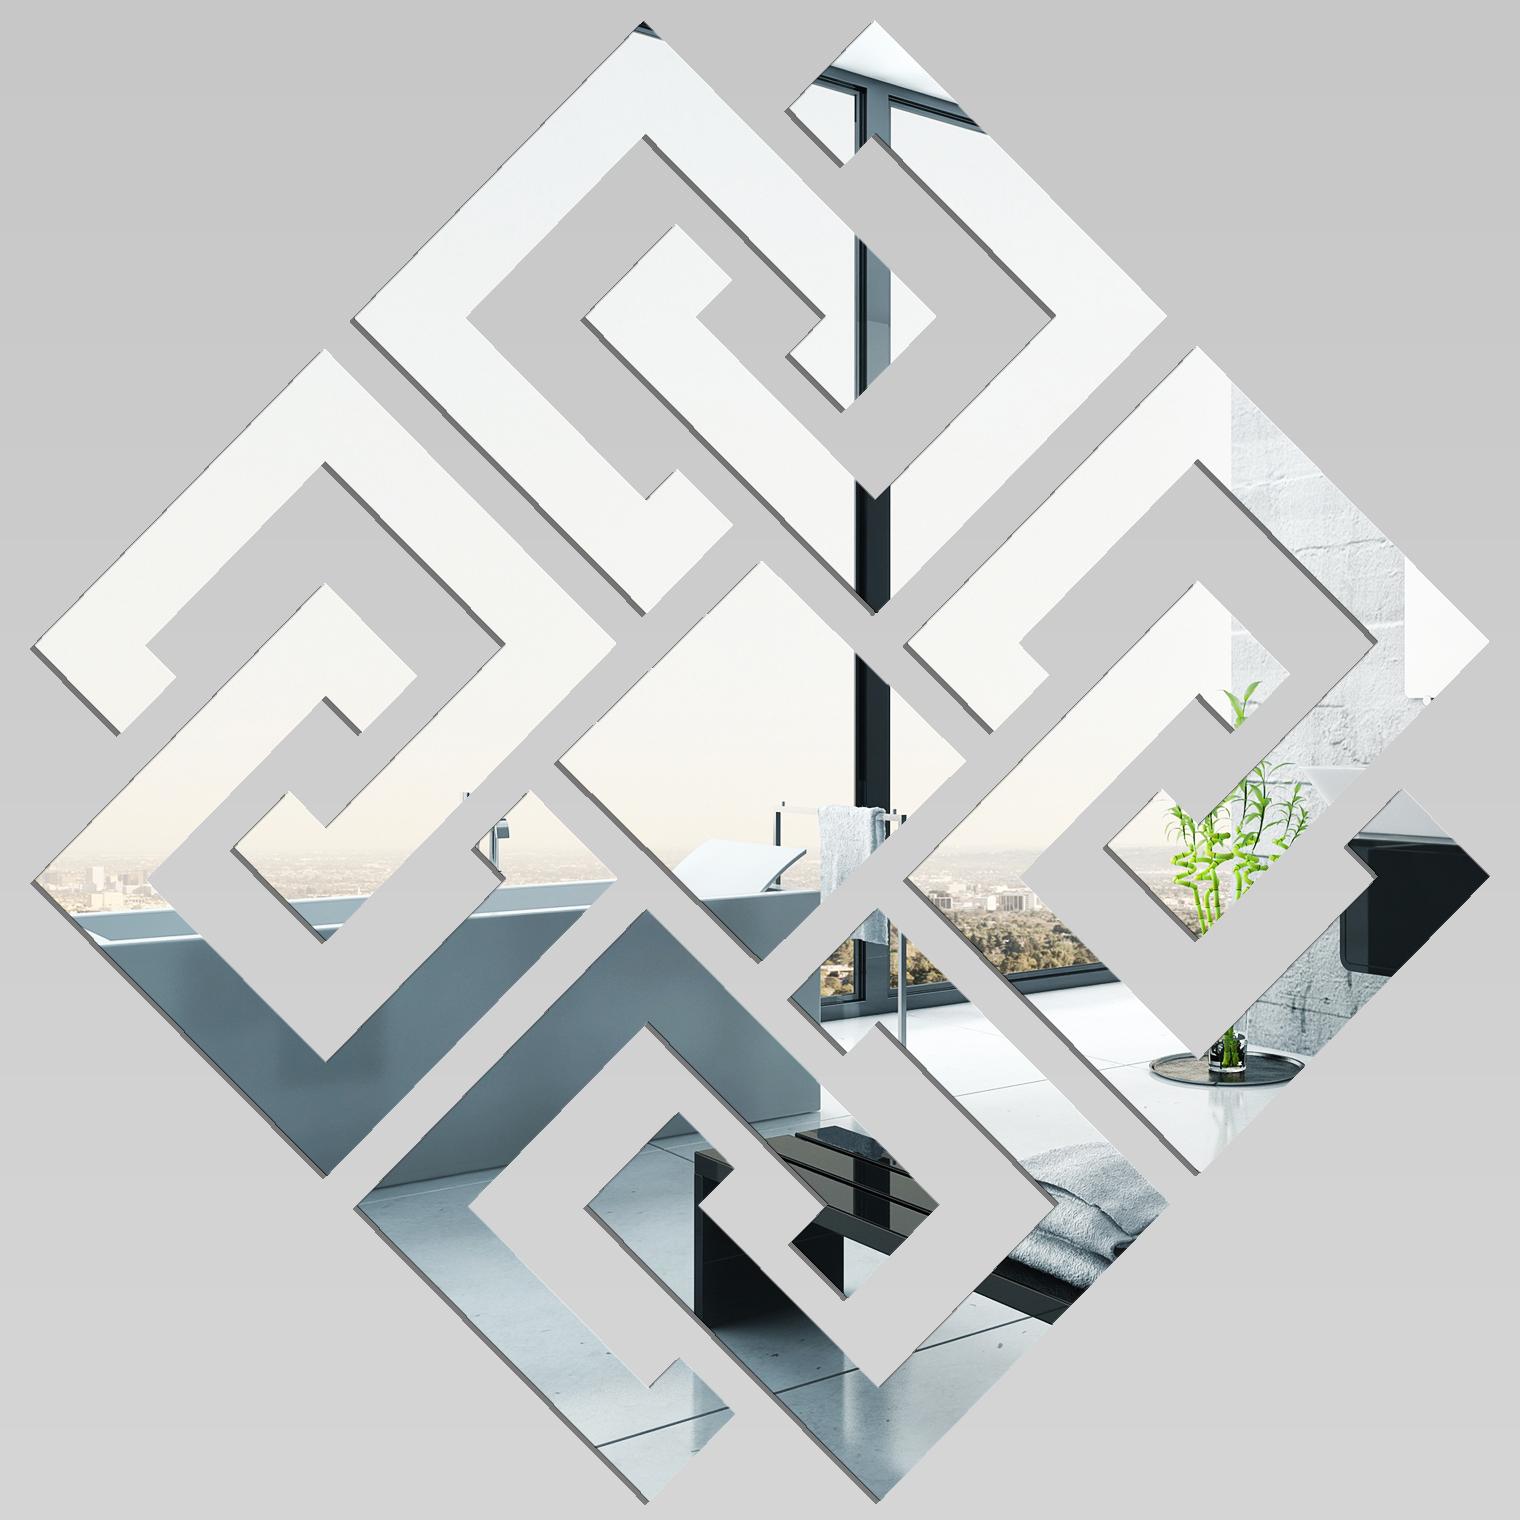 Adesivi follia specchio acrilico plexiglass design - Plexiglass a specchio ...